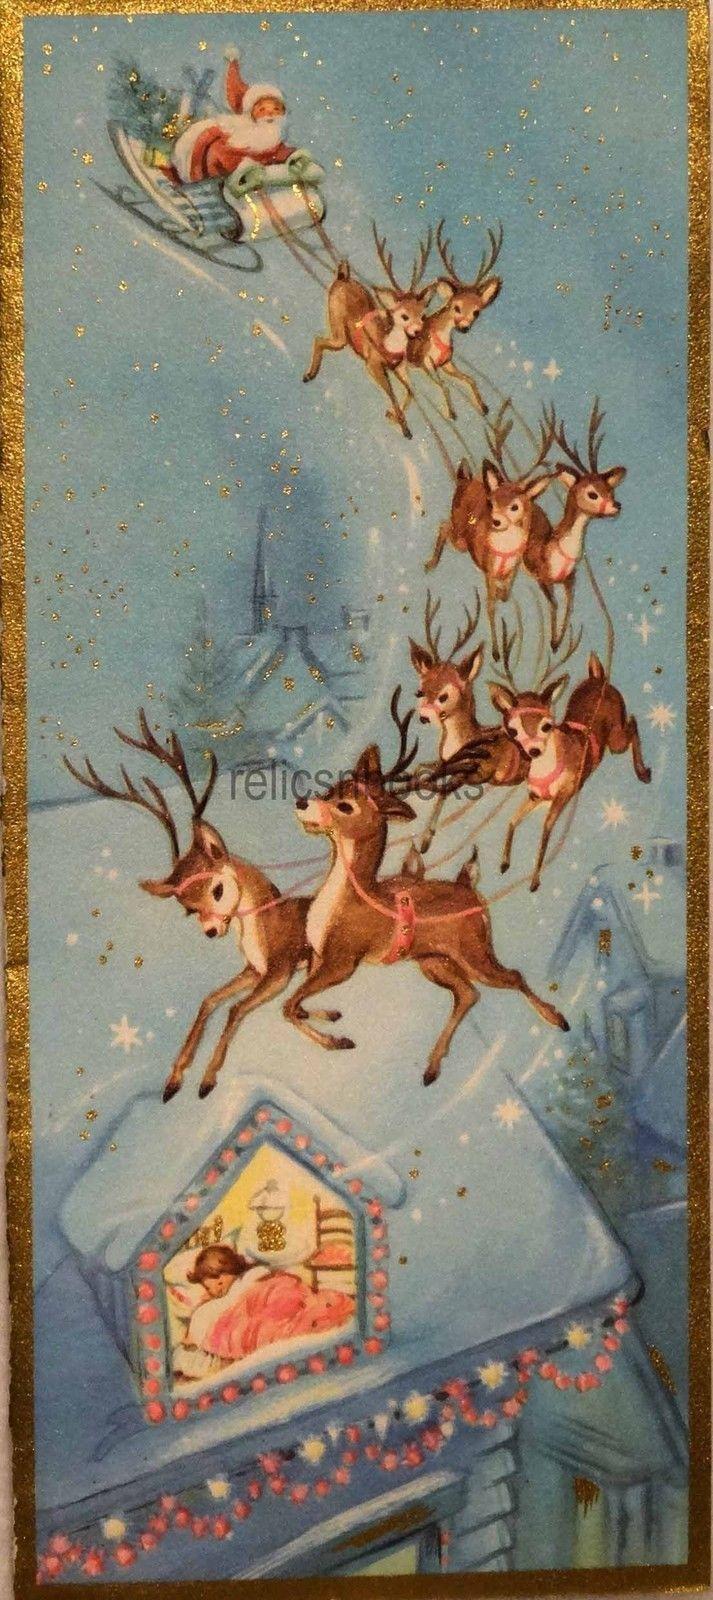 Santa Sleigh - Reindeer